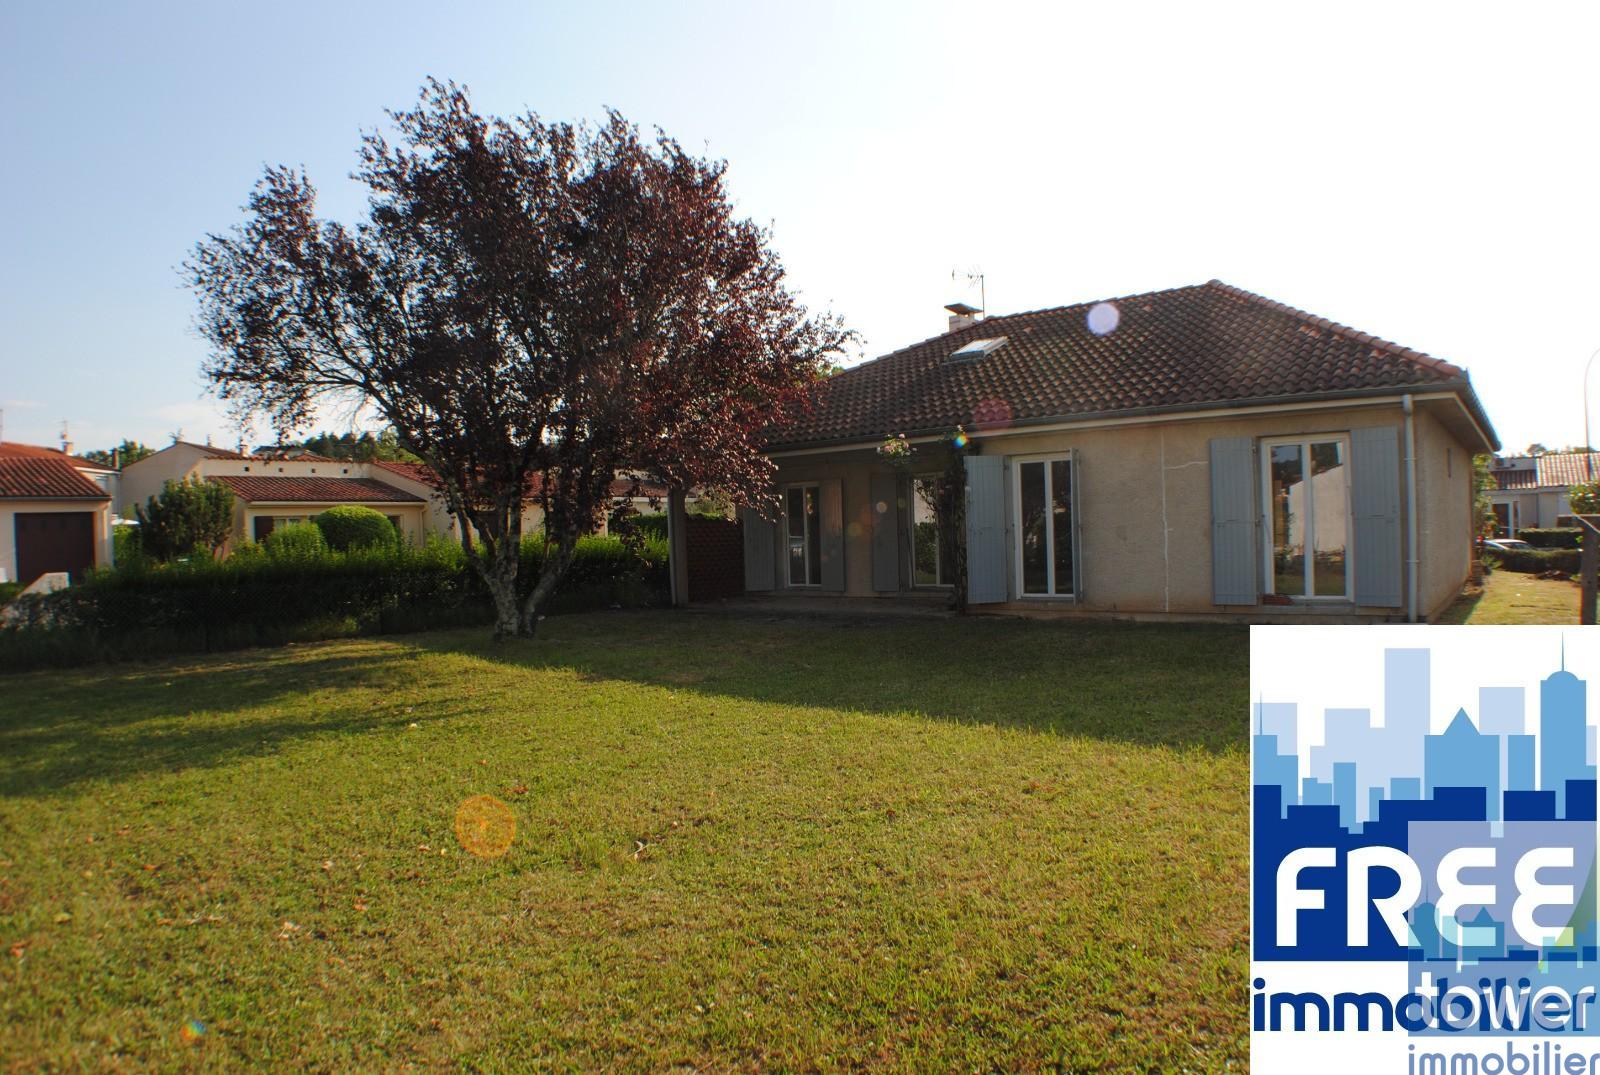 Annonce location maison castres 81100 97 m 680 992738347112 - Location maison avec jardin quimper colombes ...